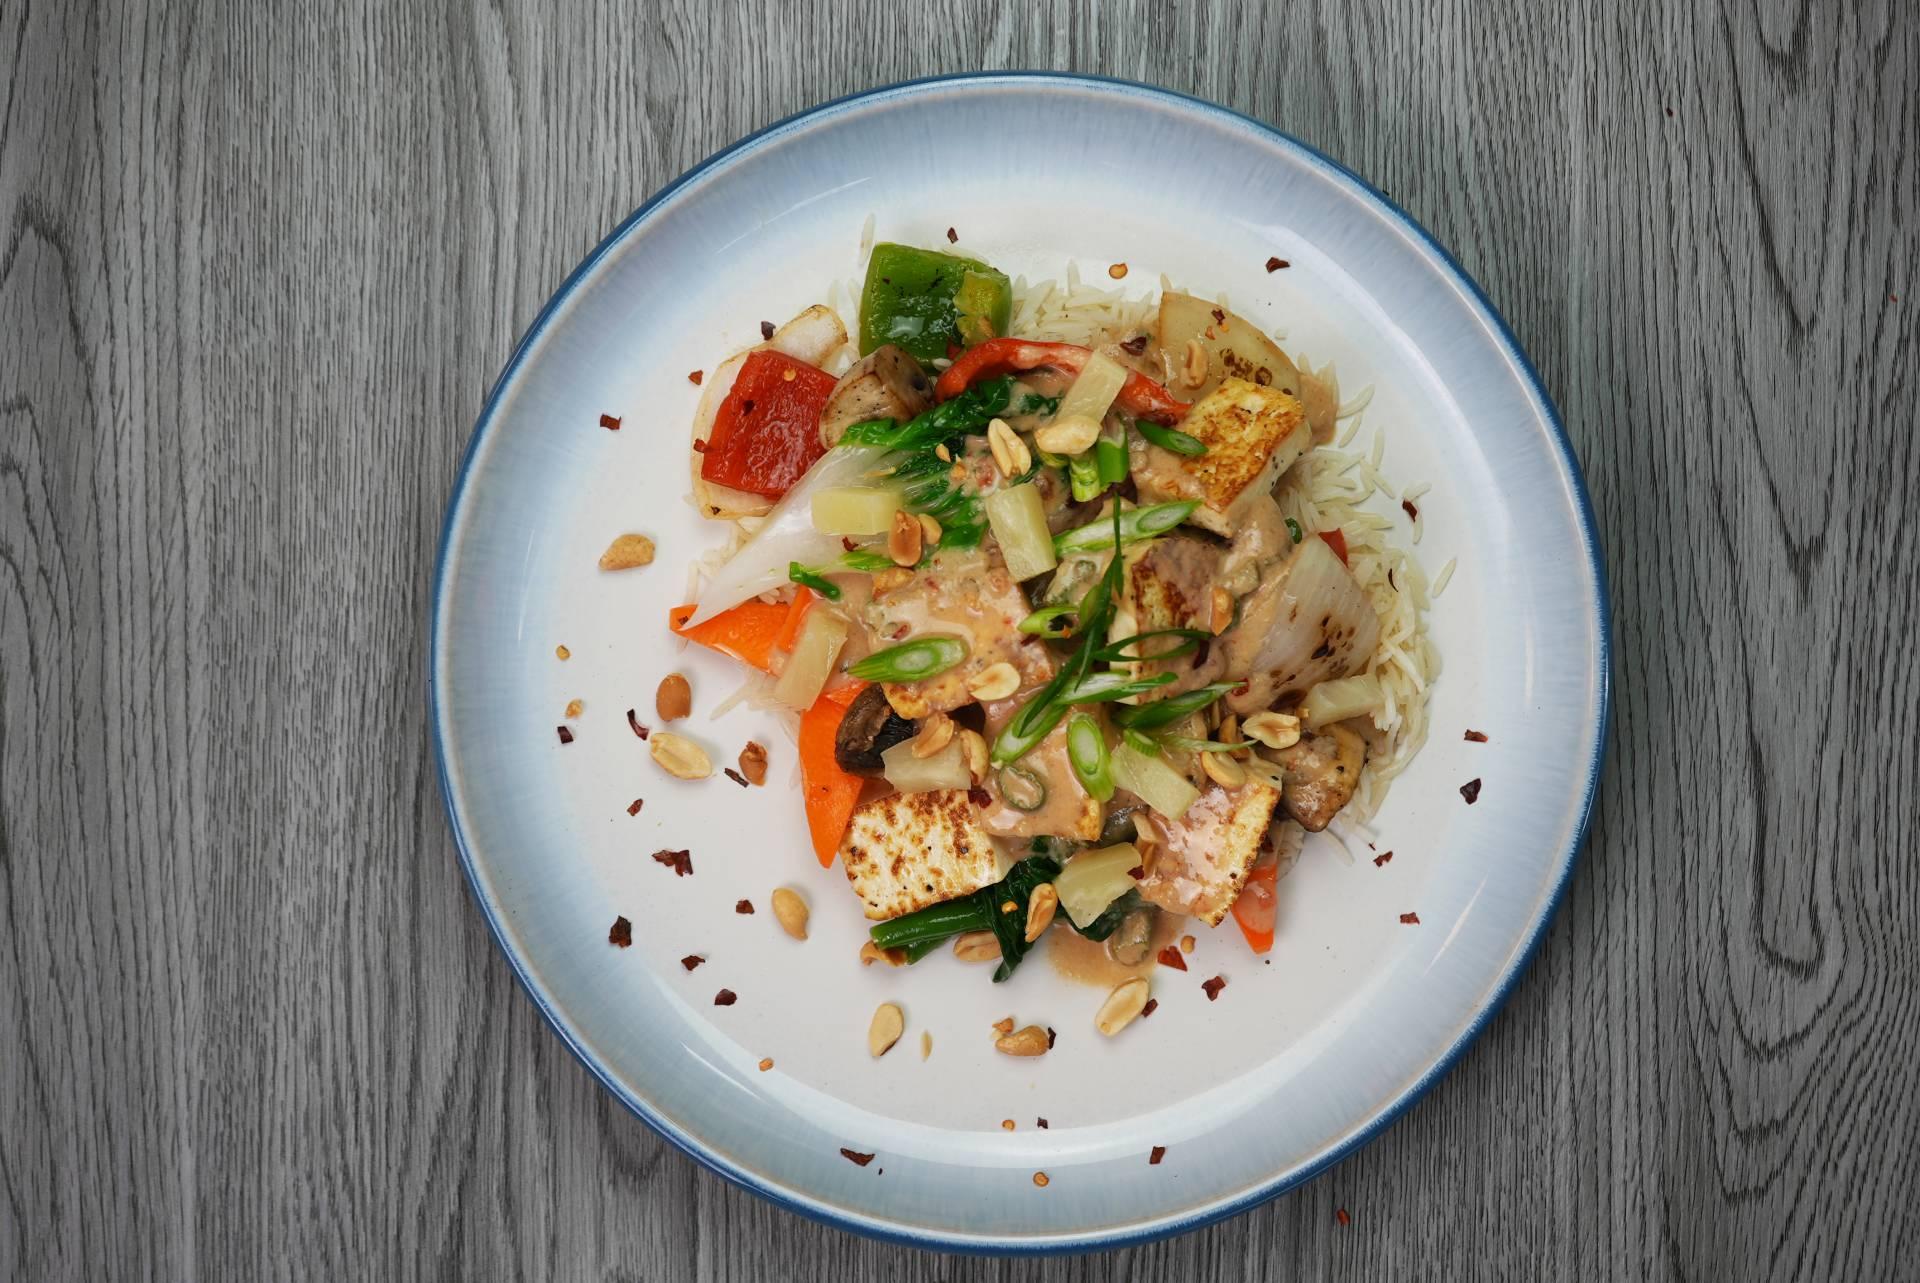 Vegan Tofu Peanut Stir Fry